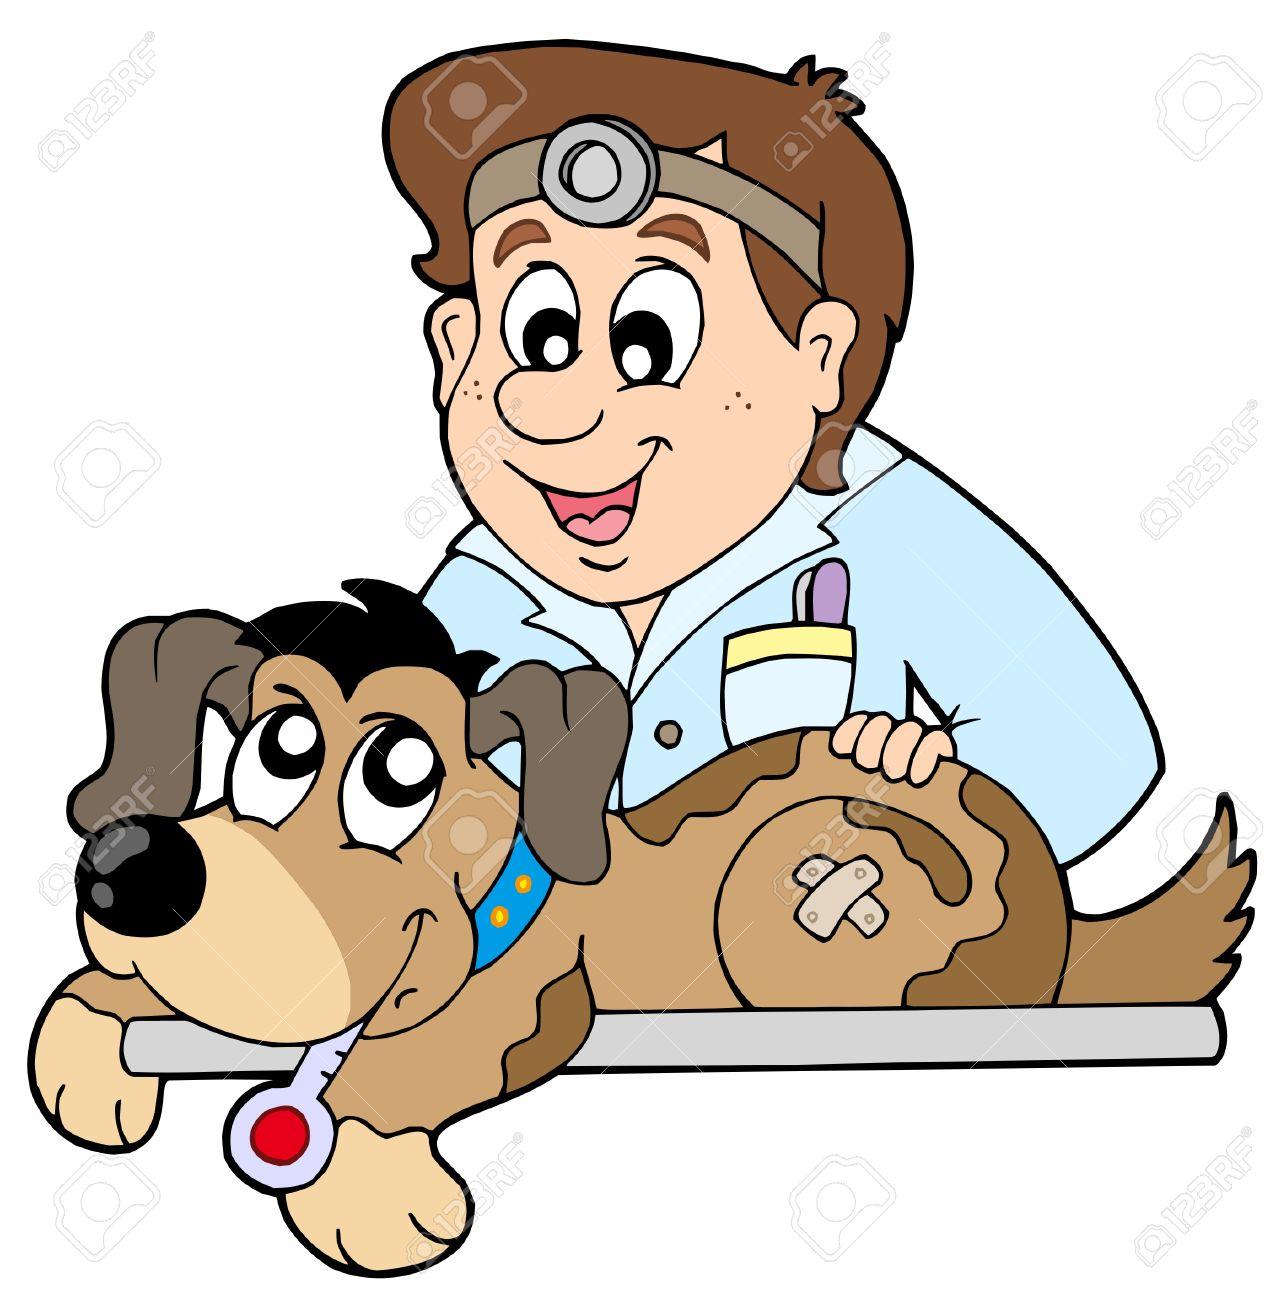 dog at veterinarian vector illustration royalty free cliparts rh 123rf com veterinarian clipart veterinary clipper protocols